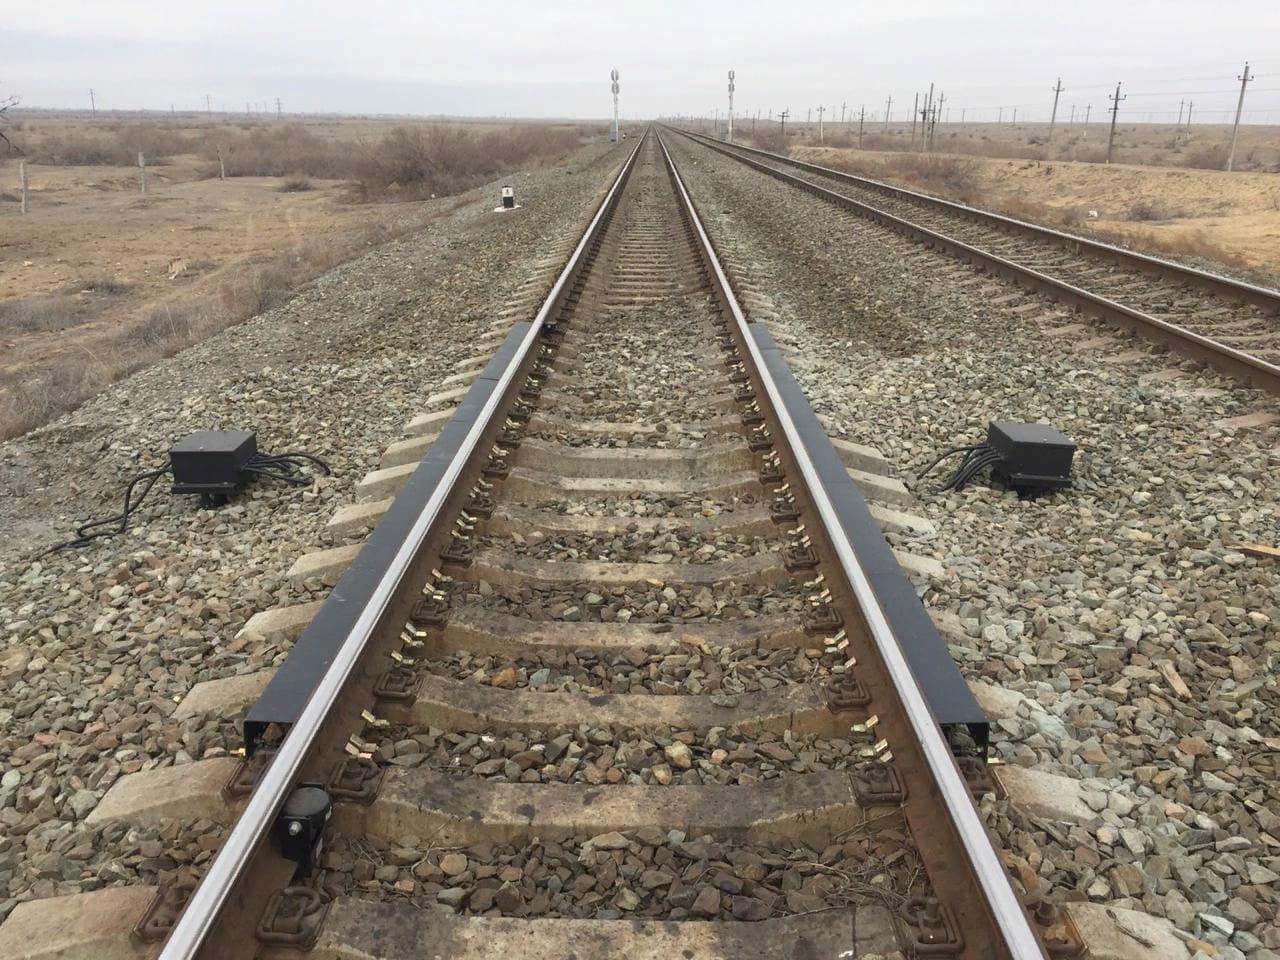 Новое диагностическое оборудование способствует повышению безопасности движения поездов в Астраханском регионе ПривЖД